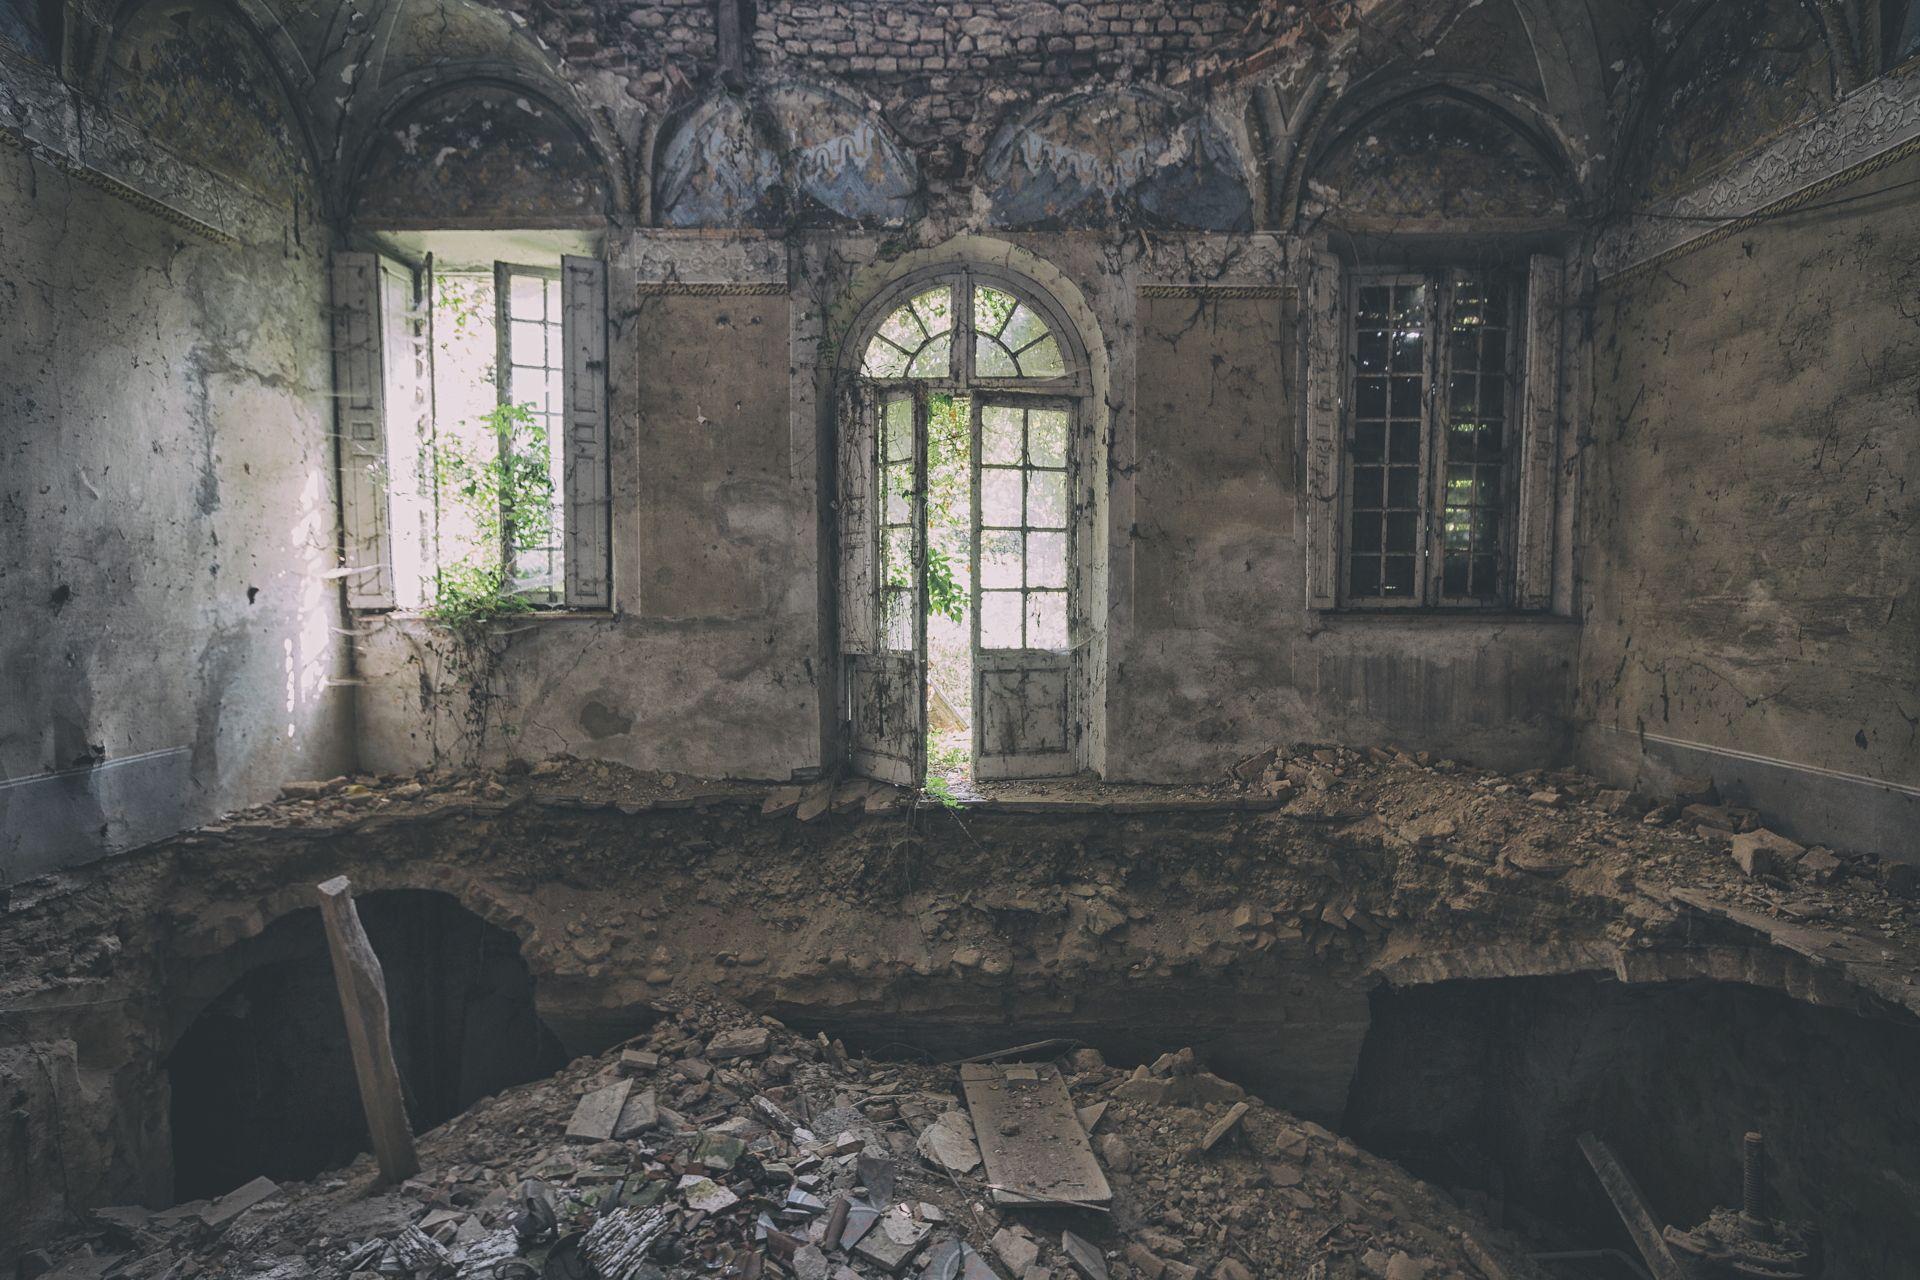 Urban exploration: esplorare l'abbandono.